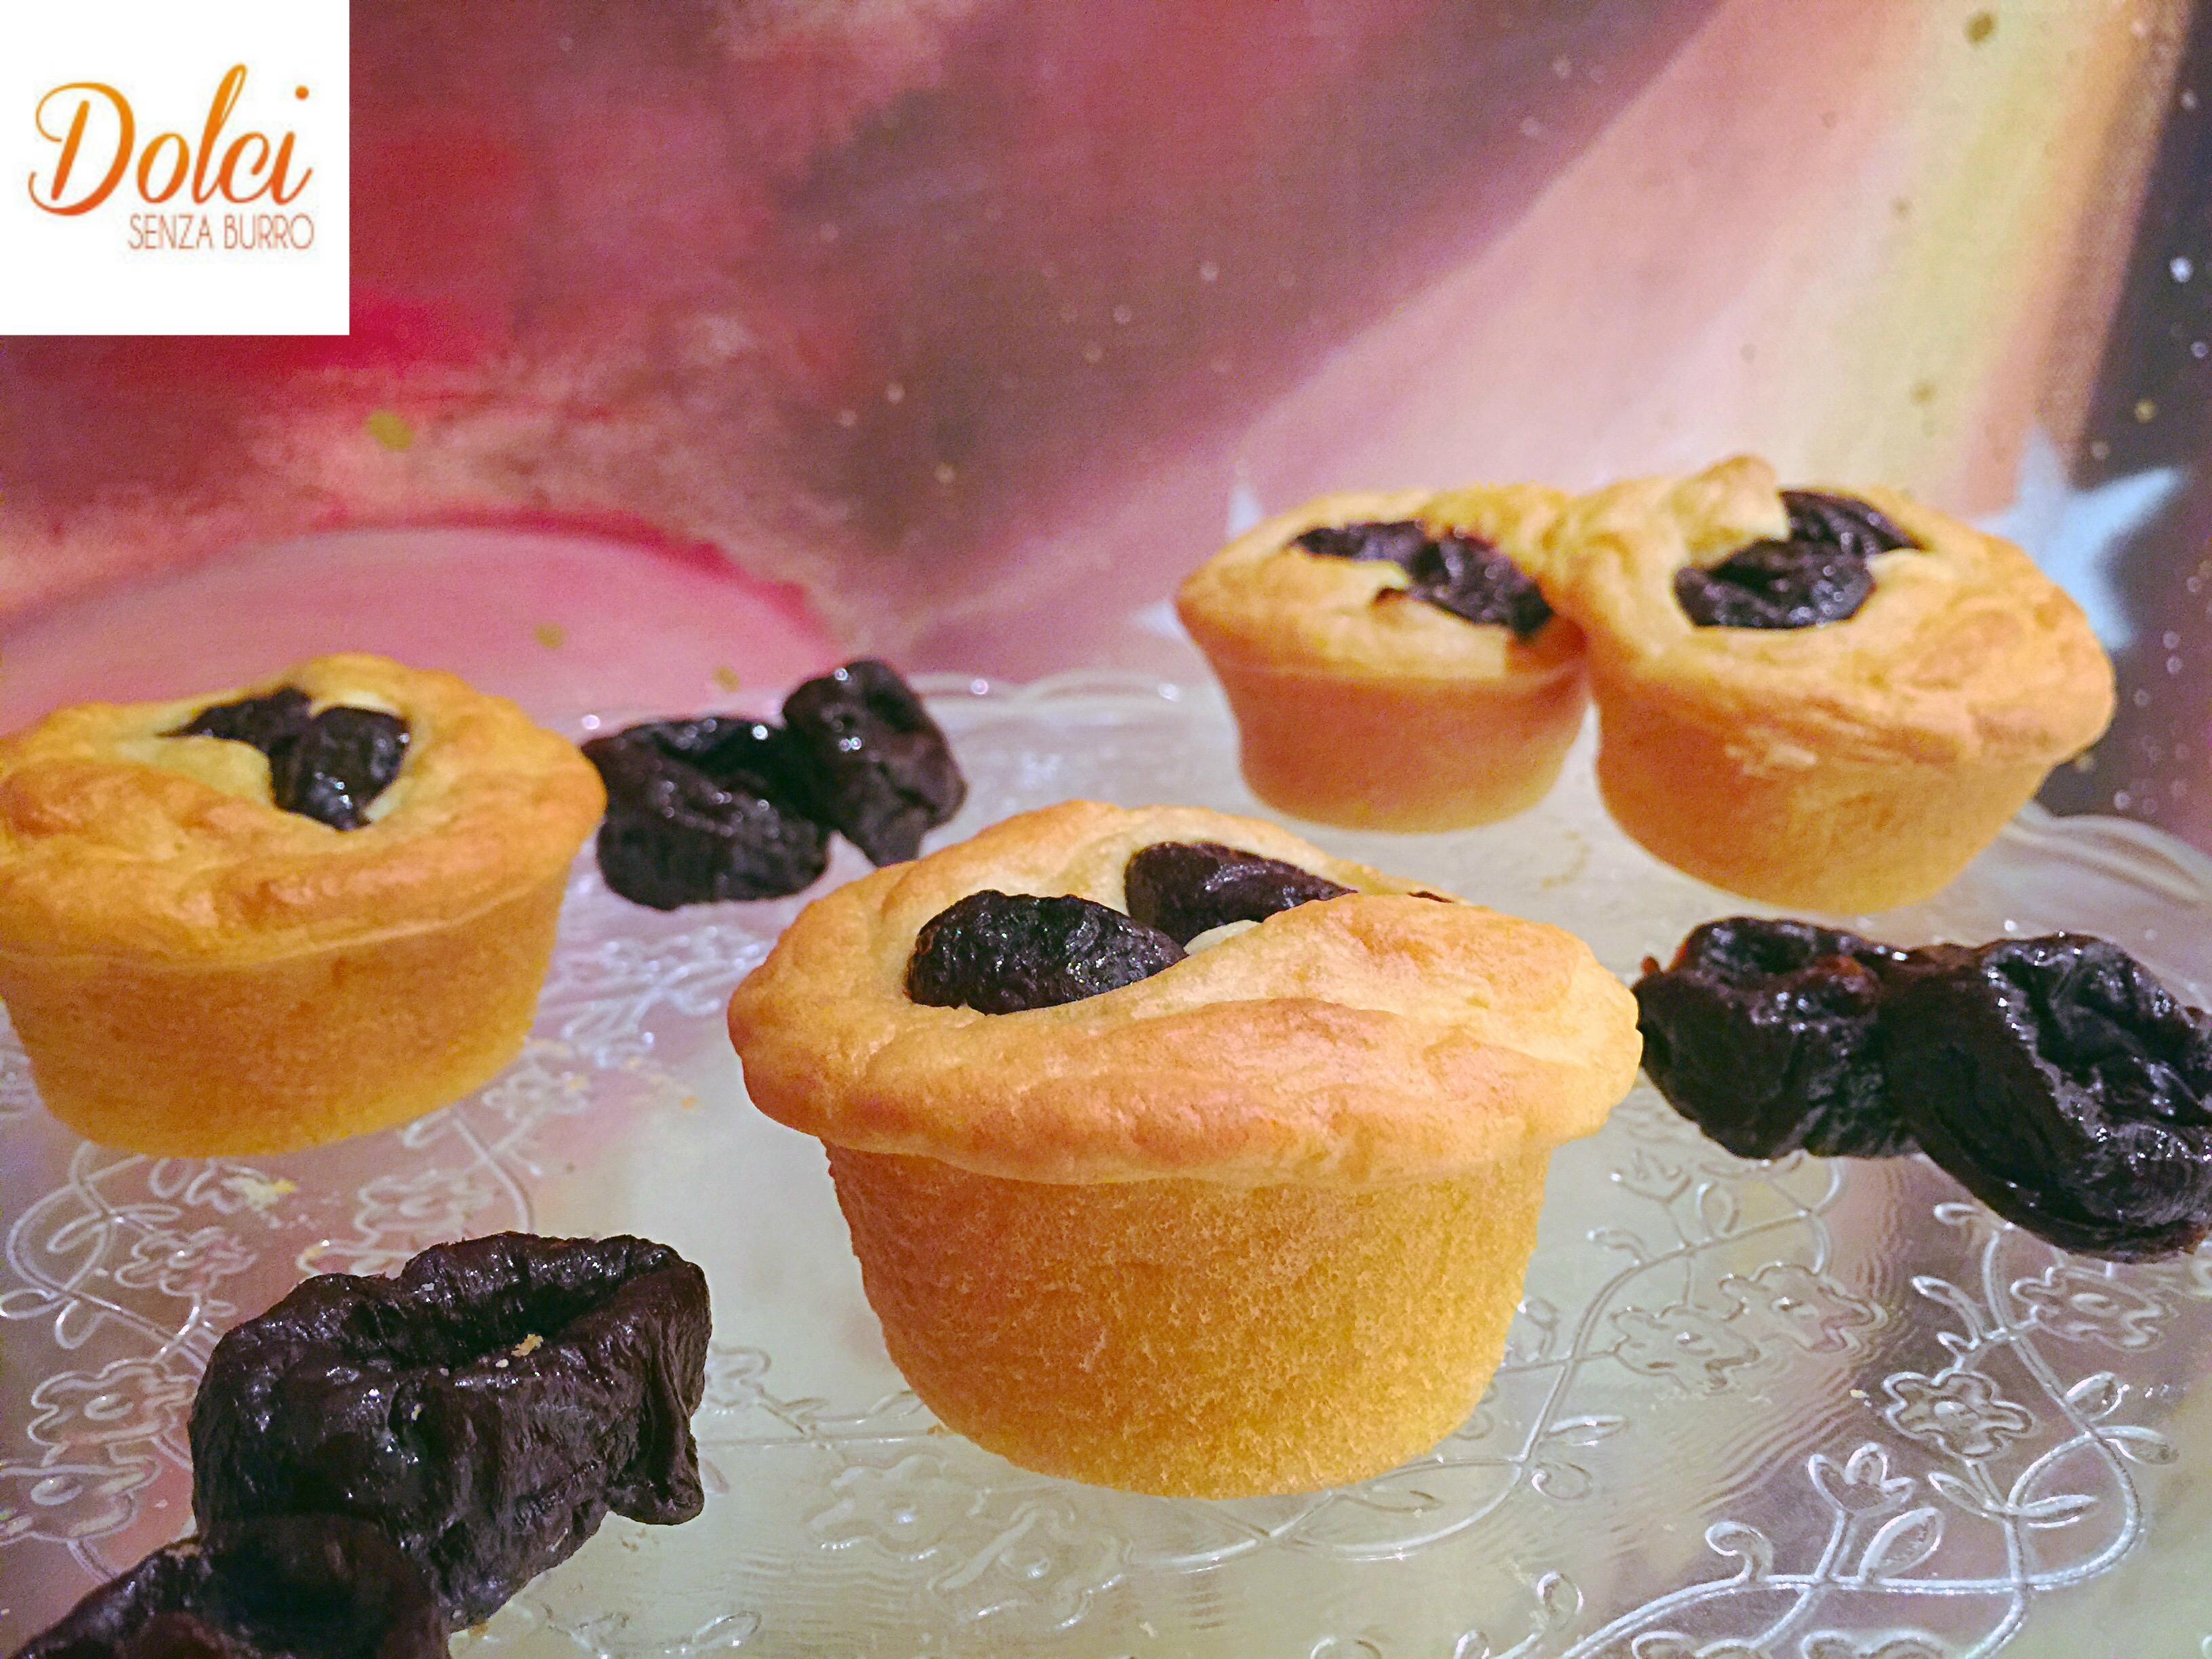 Muffin Senza Burro e Uova alle prugne, un dolce goloso e leggero di dolci senza burro